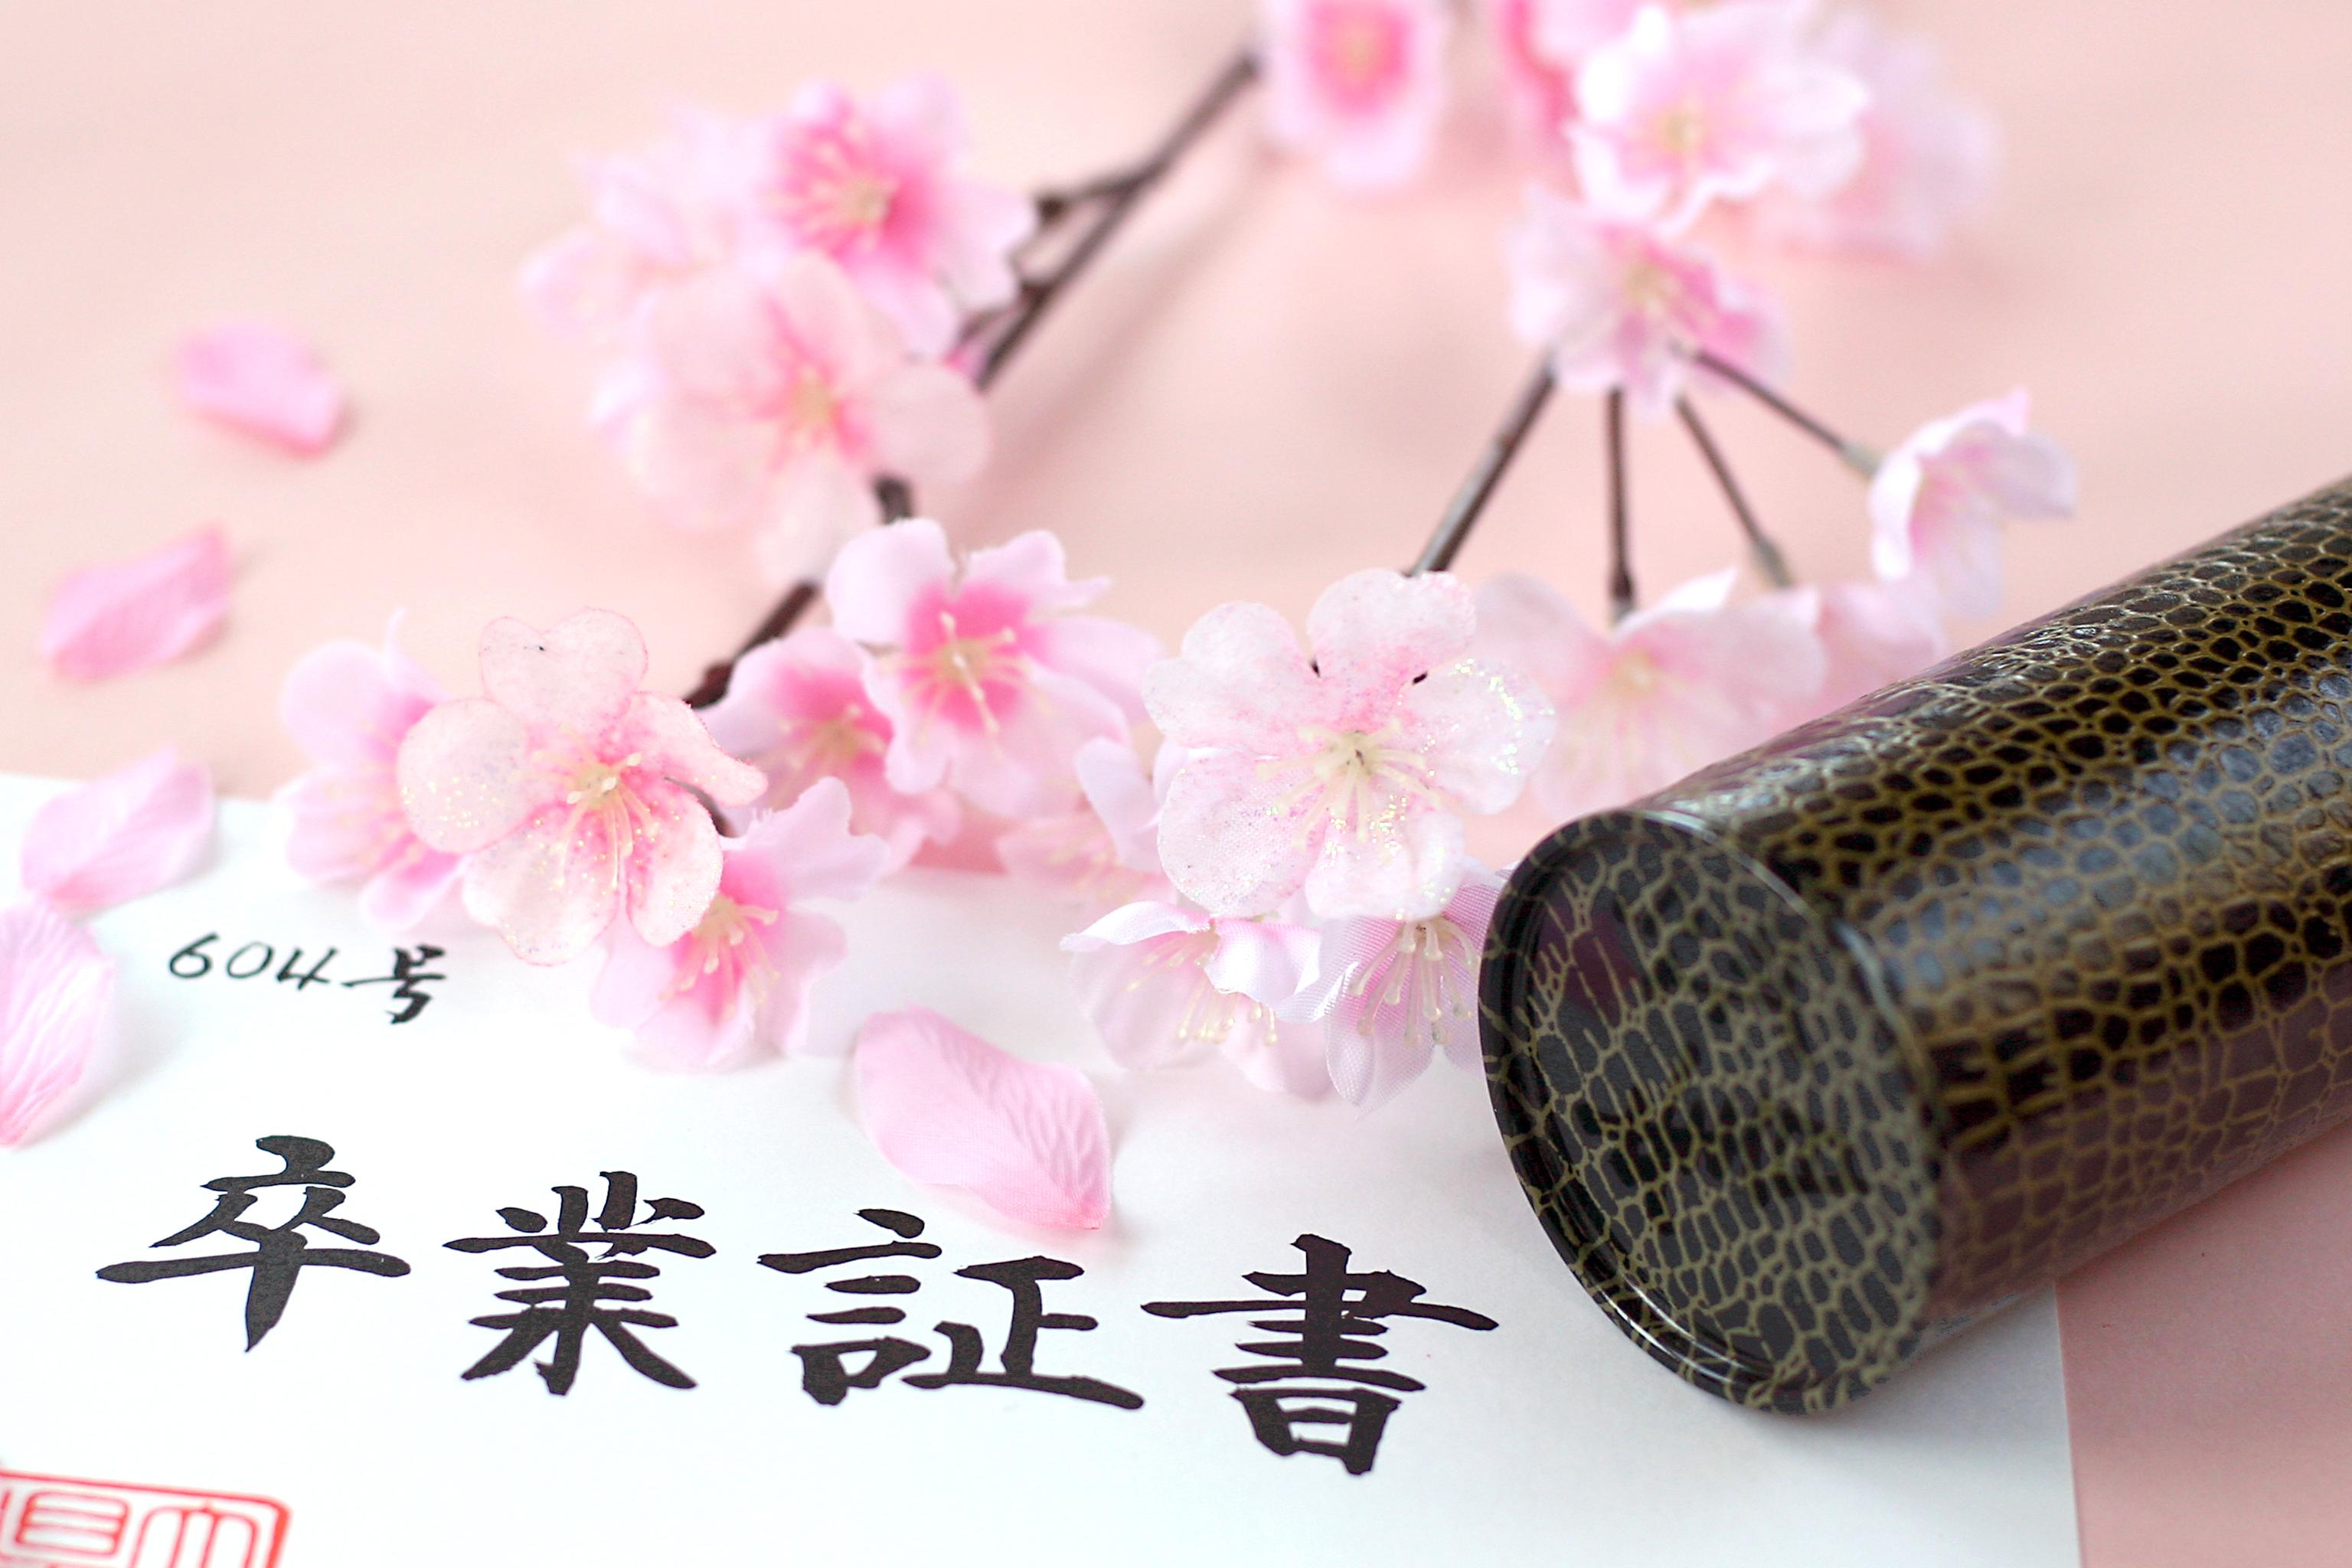 京都の桜も綺麗でした。